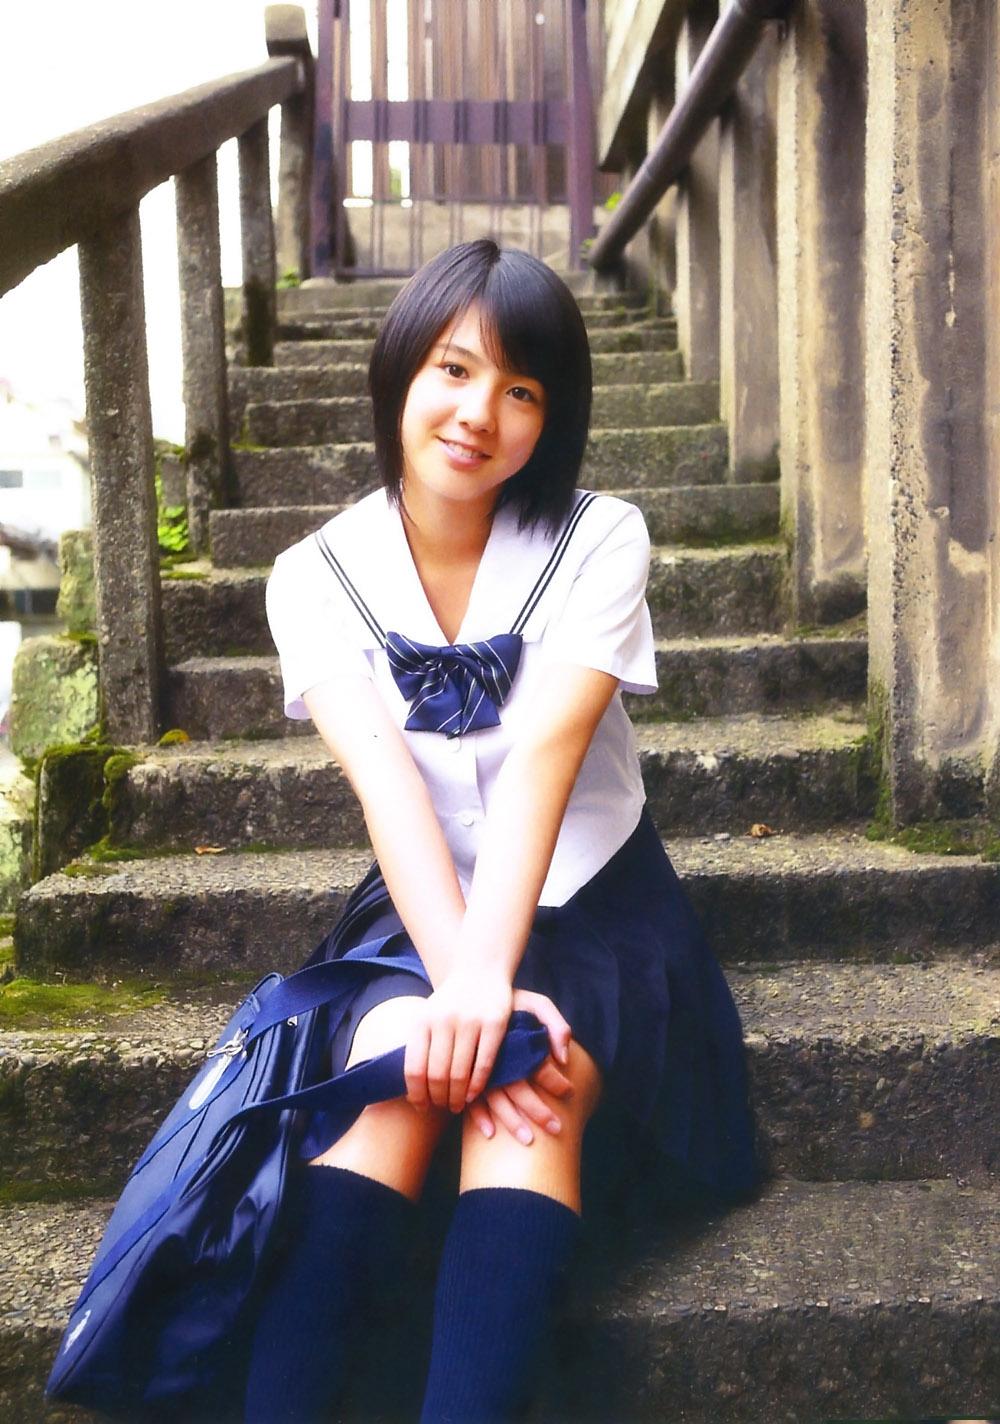 桜庭ななみの画像 p1_15